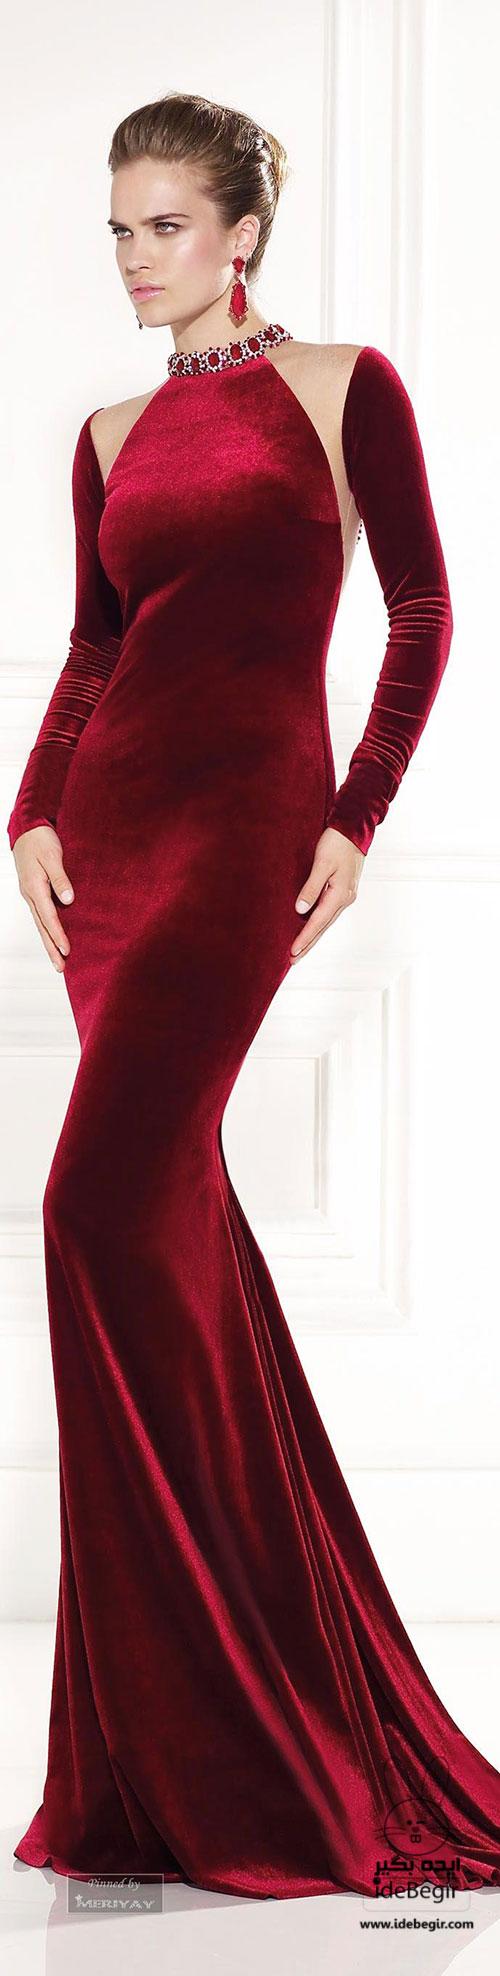 لباس مجلسی- لباس شب